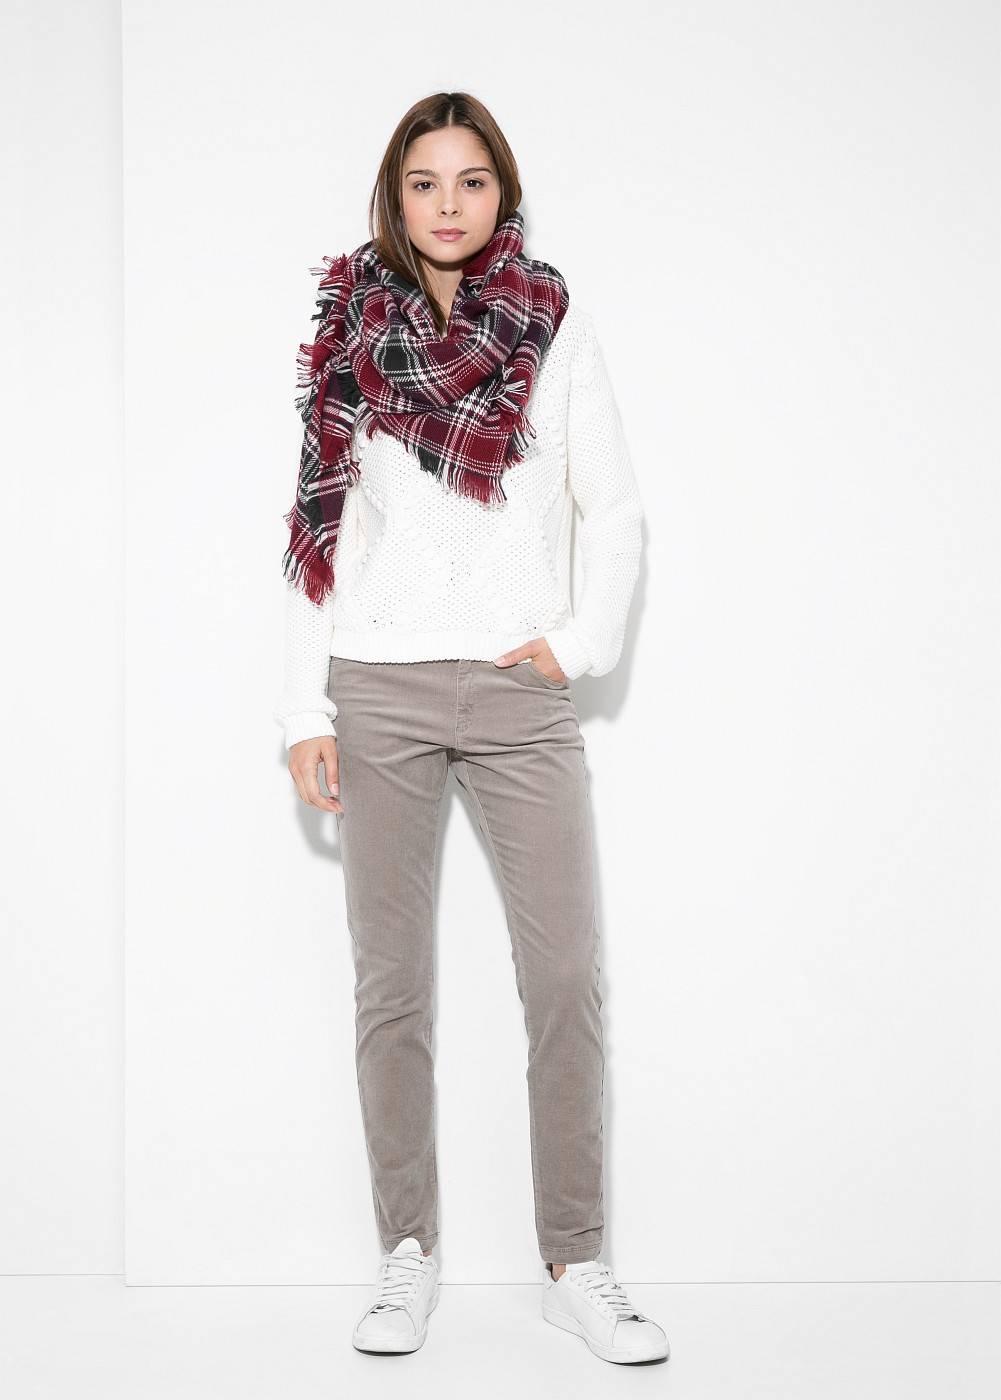 Новые  женские  брюки  Манго(микровельвет) 3ef193aef35a90f3c40d924261565698251906244932339